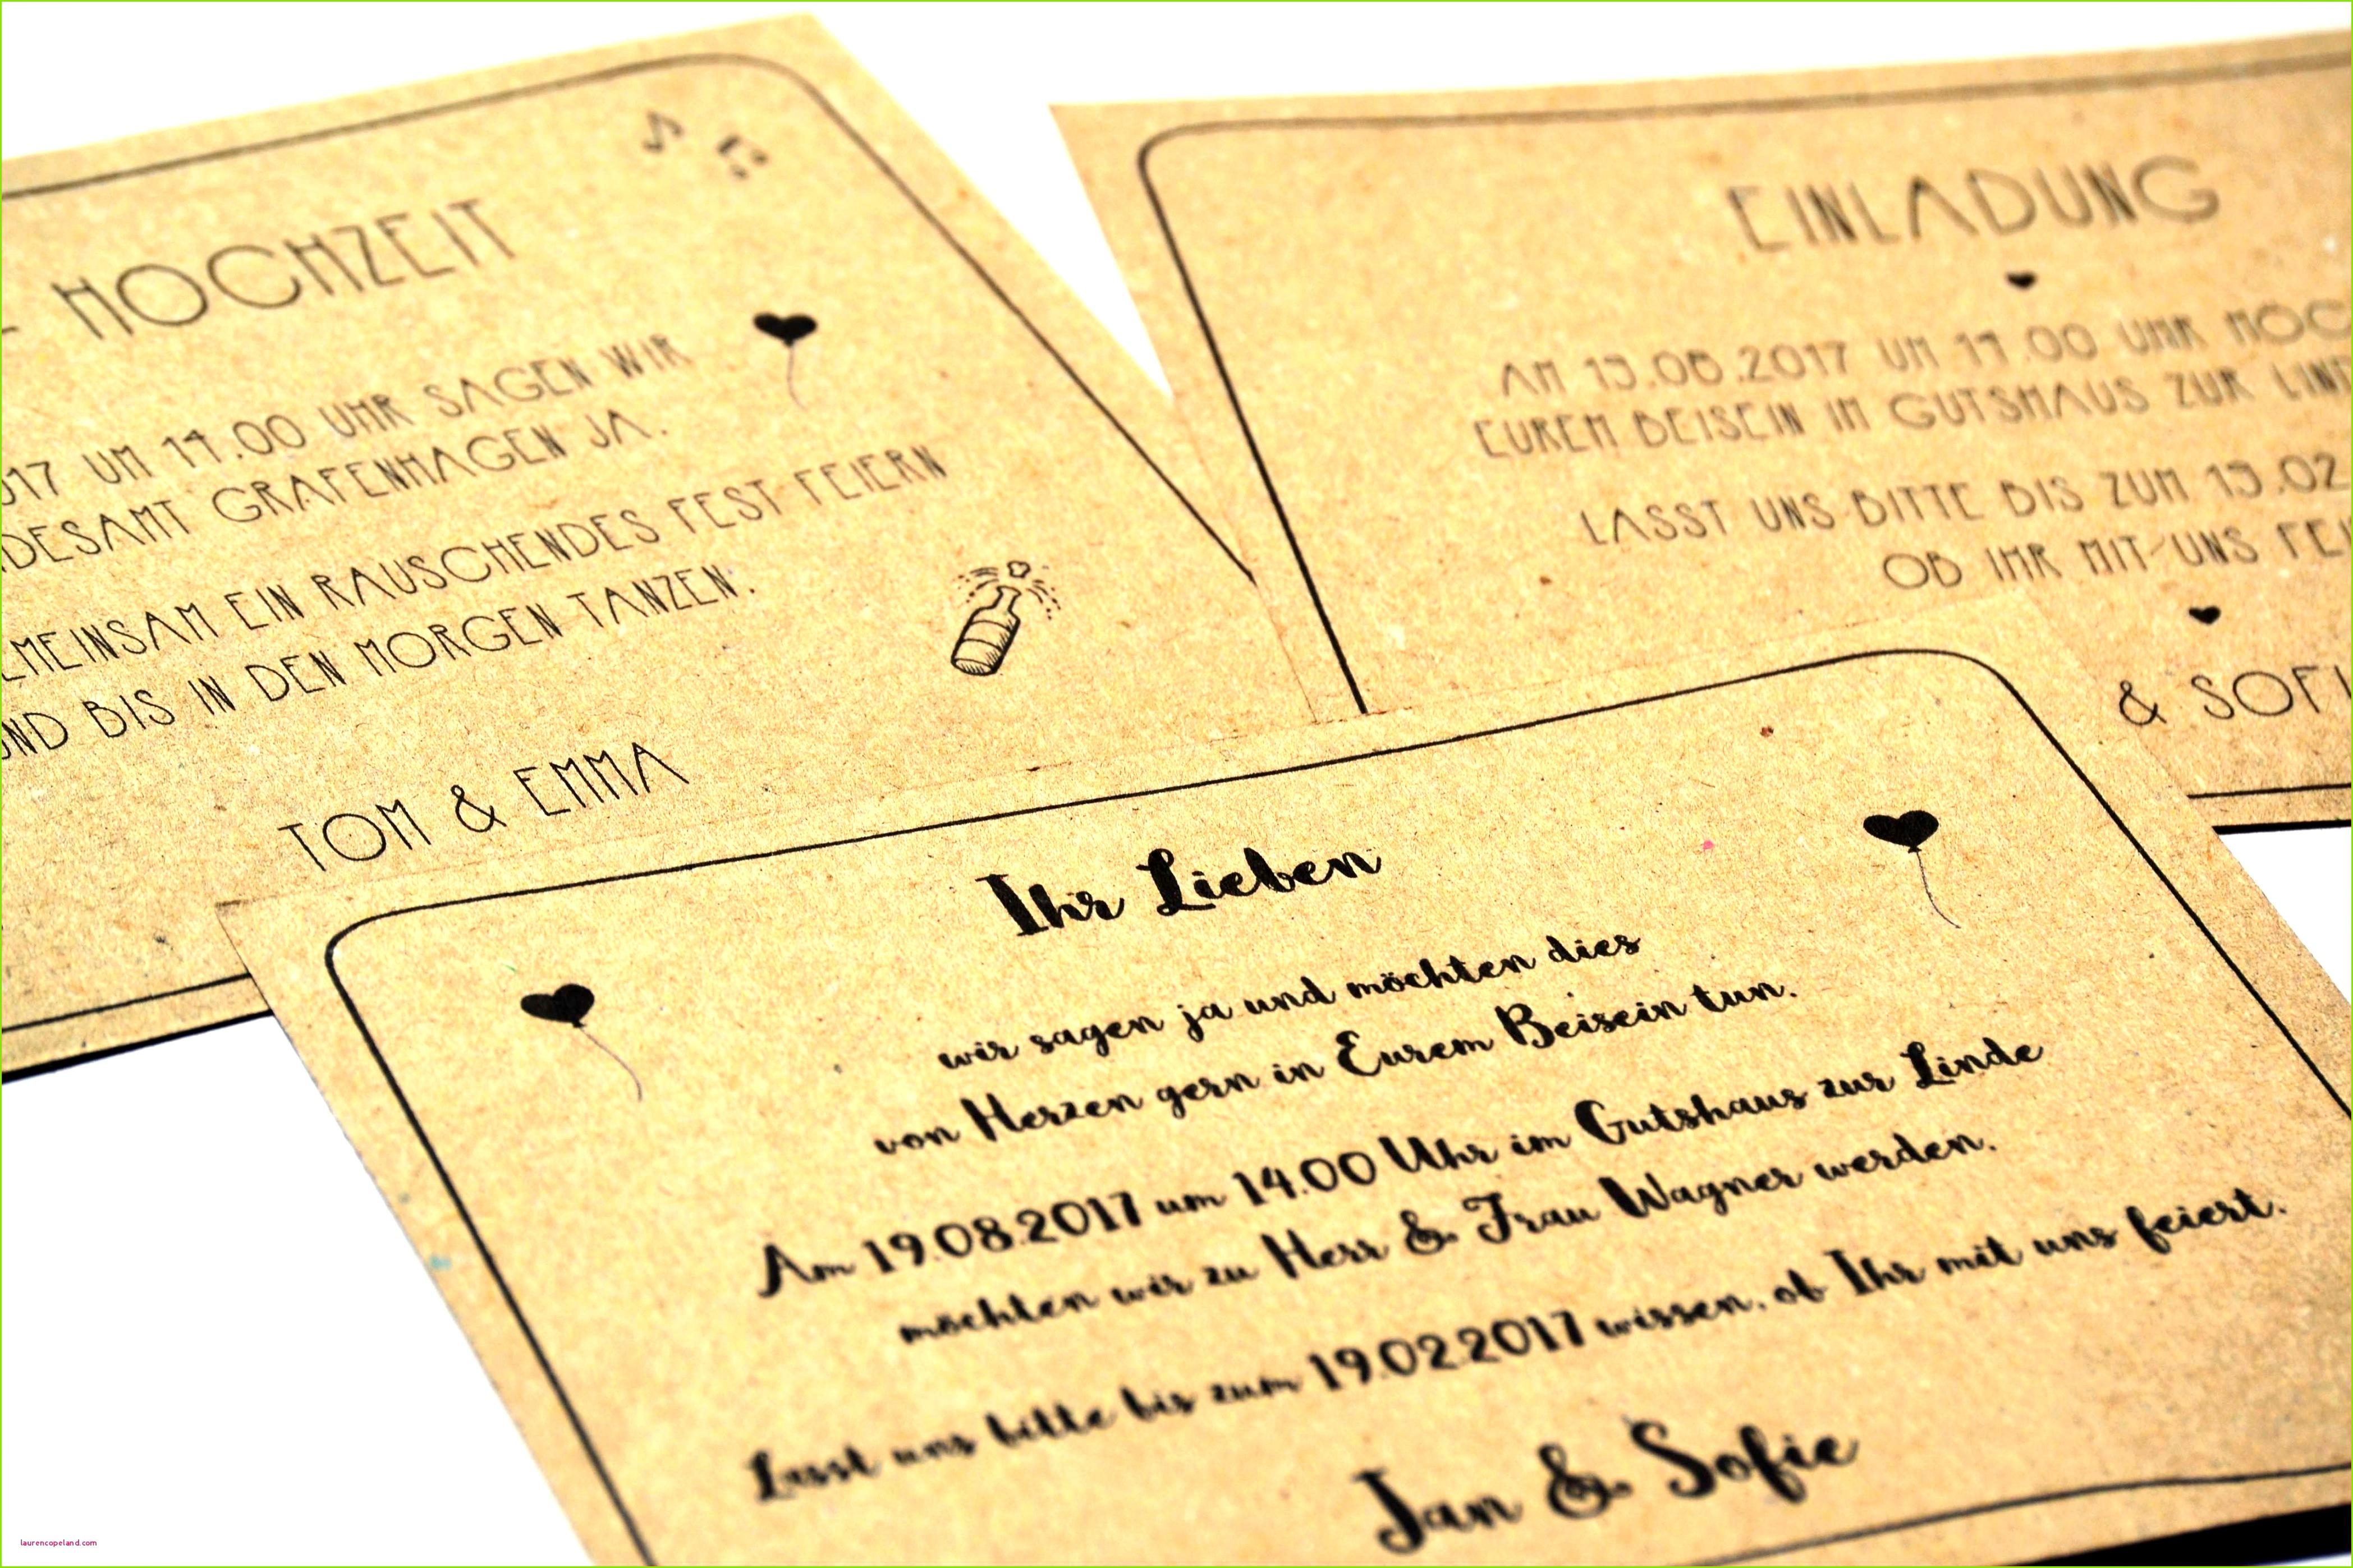 Briefpapier Vorlagen Kostenlos Word Einzigartig Briefpapier Vorlage Word Gewinnspiel Vorlage Laurencopeland Briefpapier Vorlagen Kostenlos Word